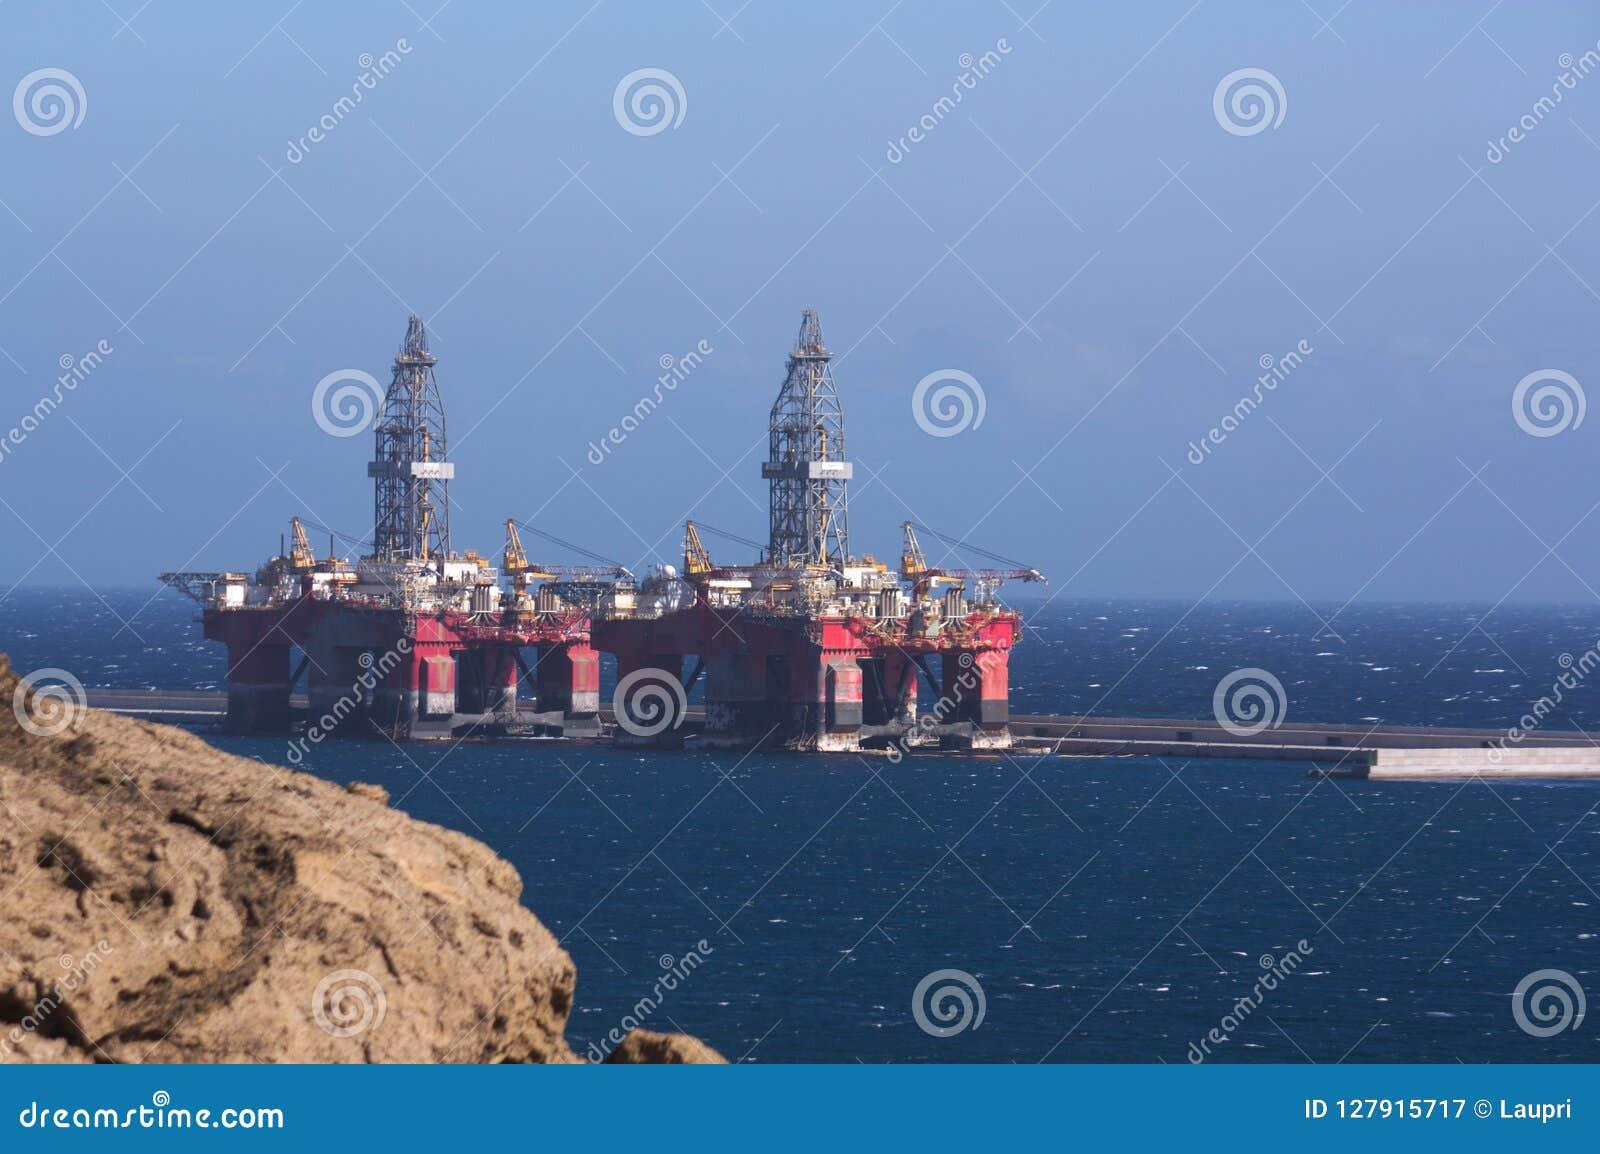 Duas plataformas petrolíferas amarradas a uma doca em um porto industrial